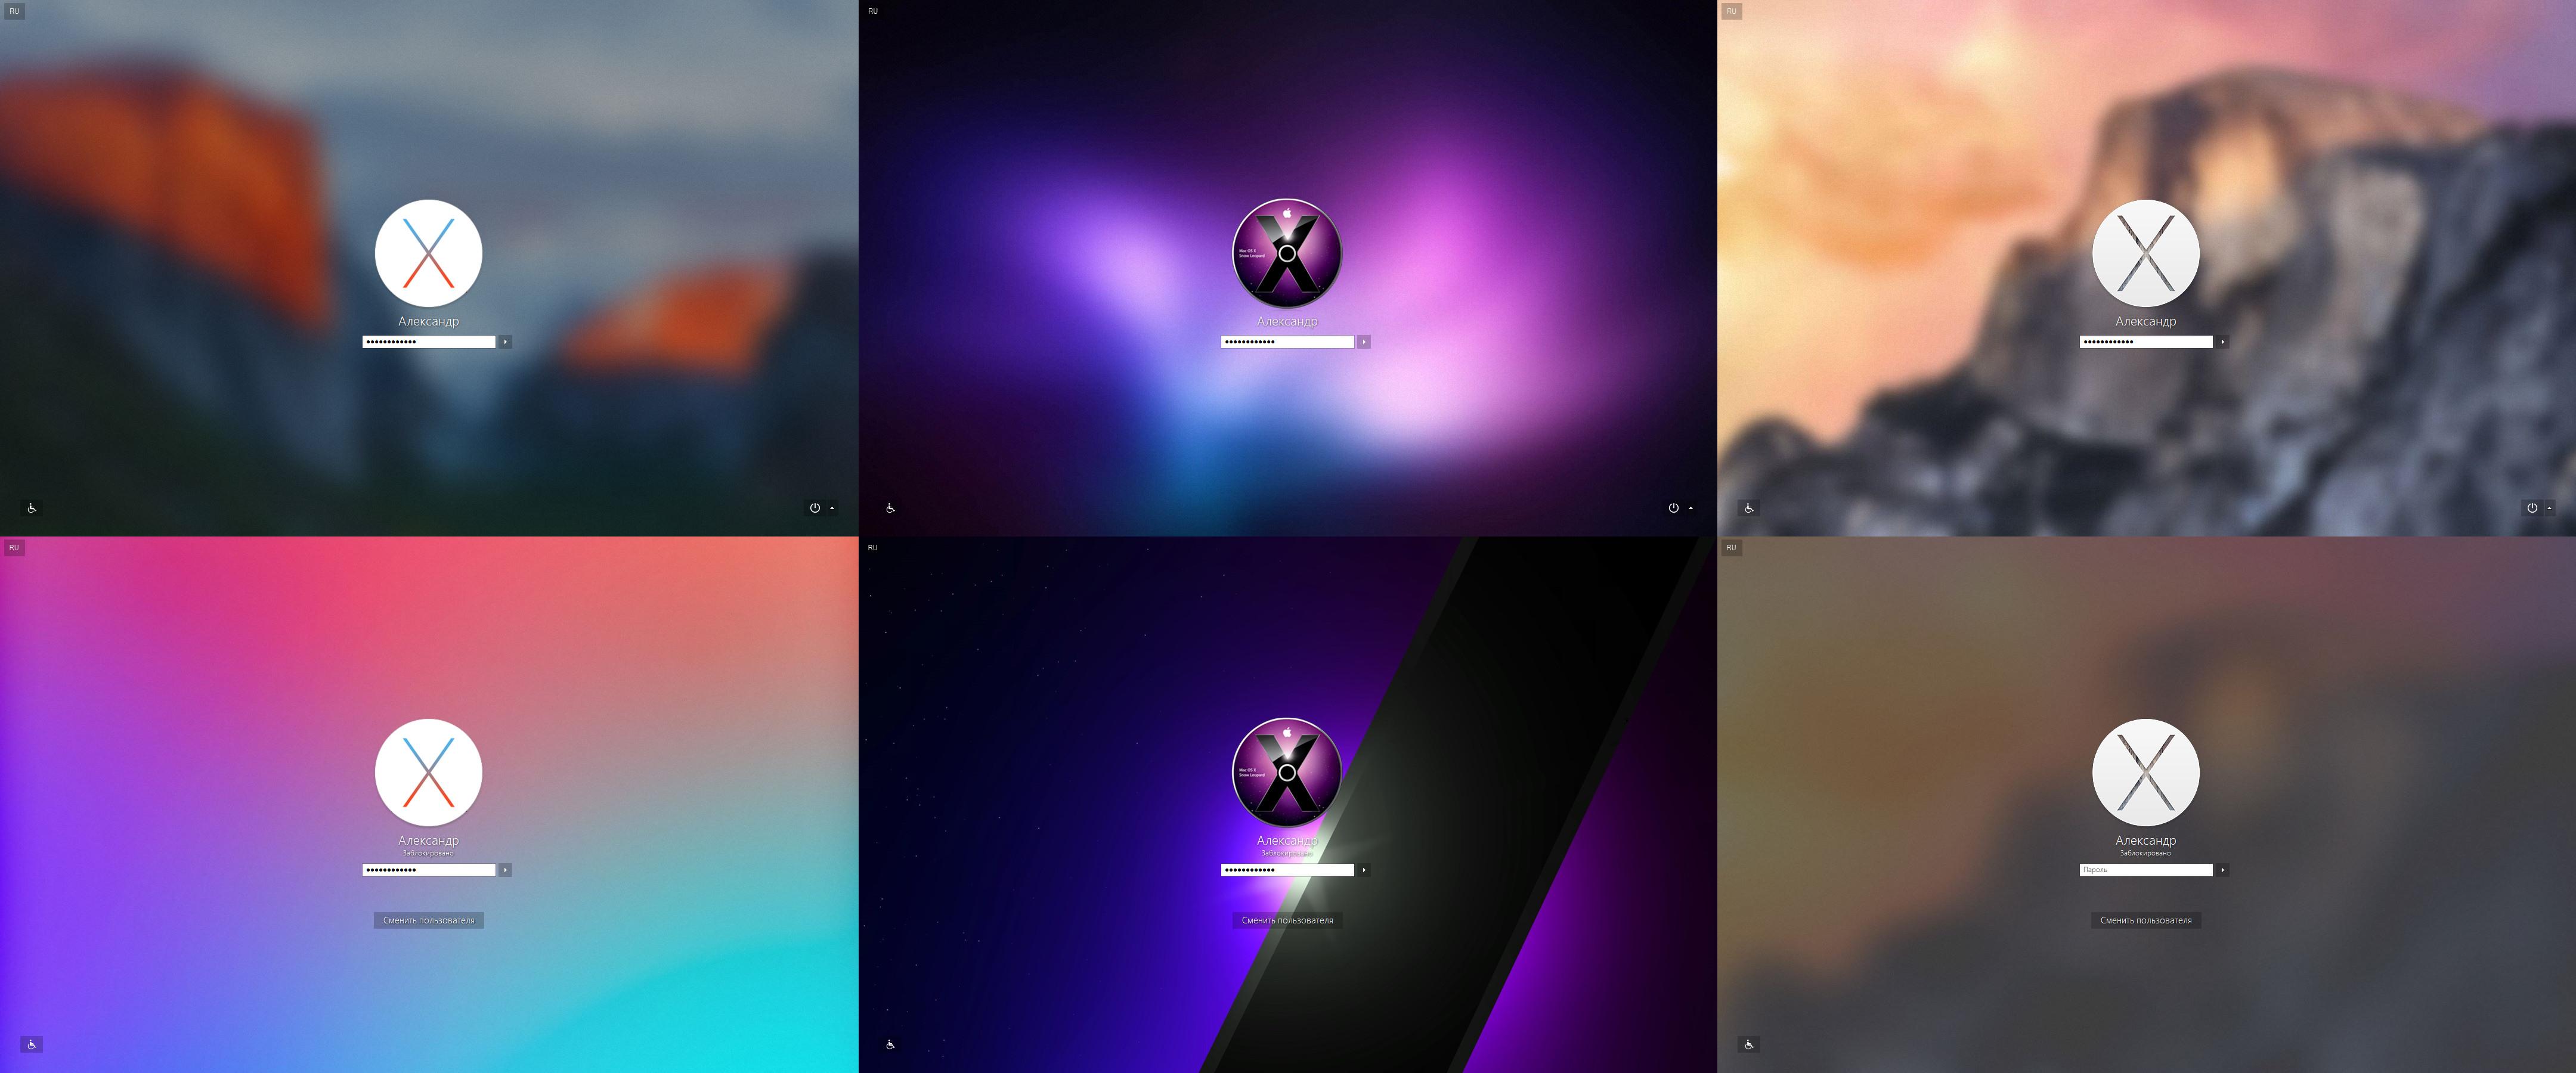 OS X Logon W7